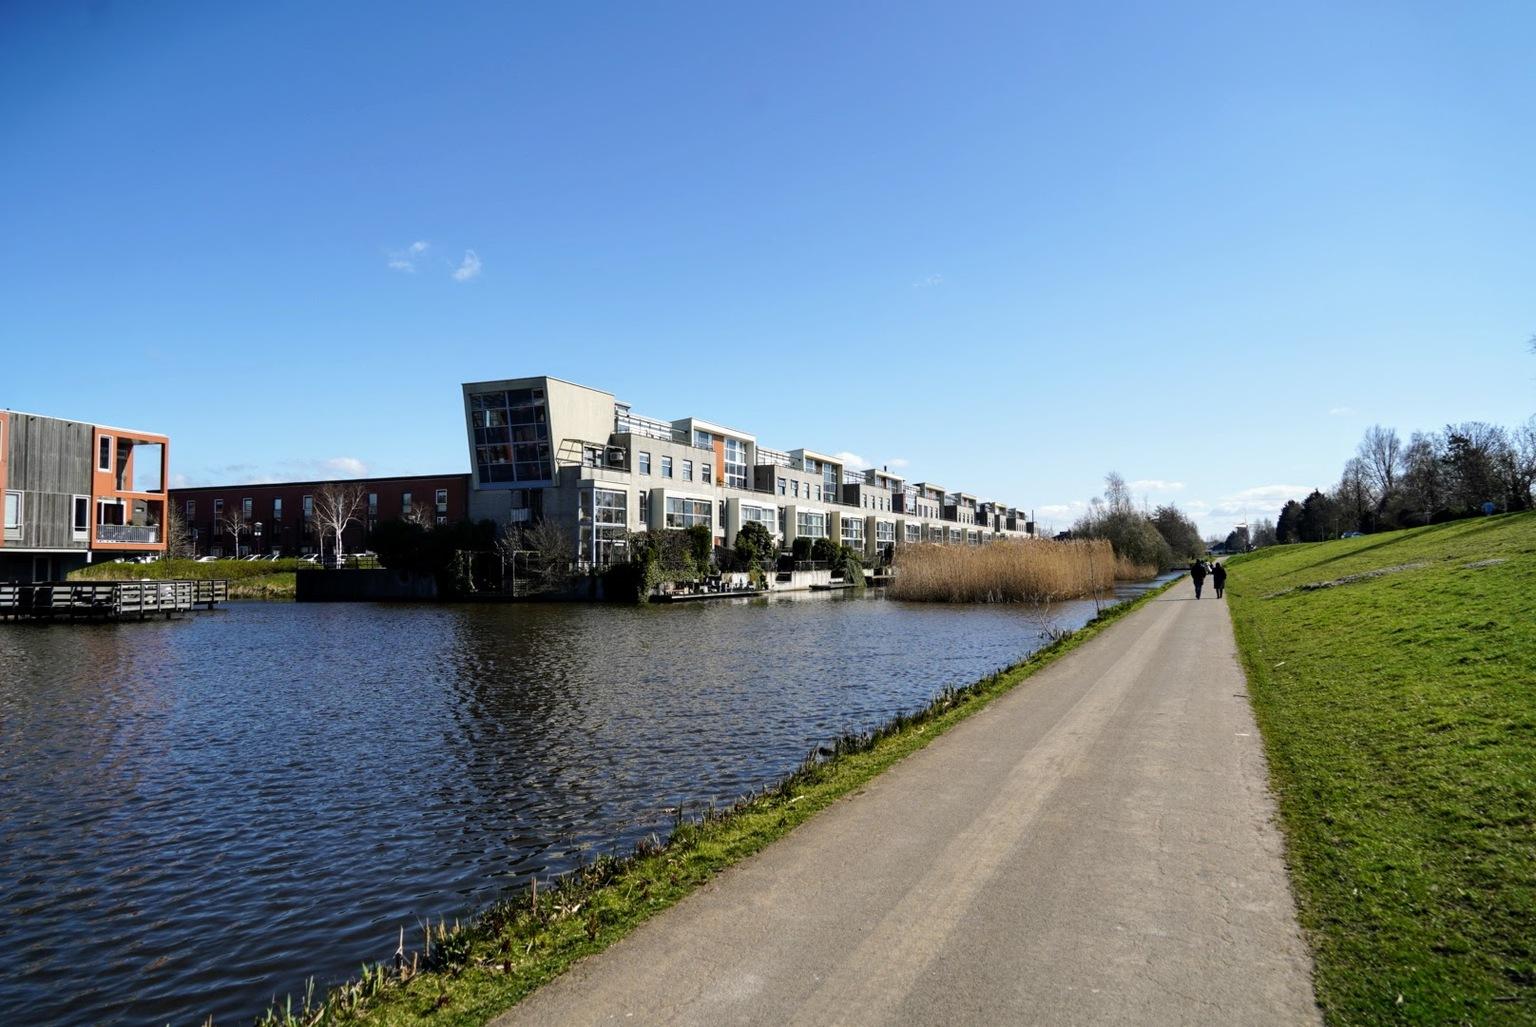 Lijnen  Sloten - Middelveldsche Akerpolder  - foto door Frenk2021 op 12-04-2021 - locatie: Amsterdam, Nederland - deze foto bevat: architectuur, water, lucht, fabriek, gebouw, boom, waterloop, bank, natuurlijk landschap, stedelijk ontwerp, meer